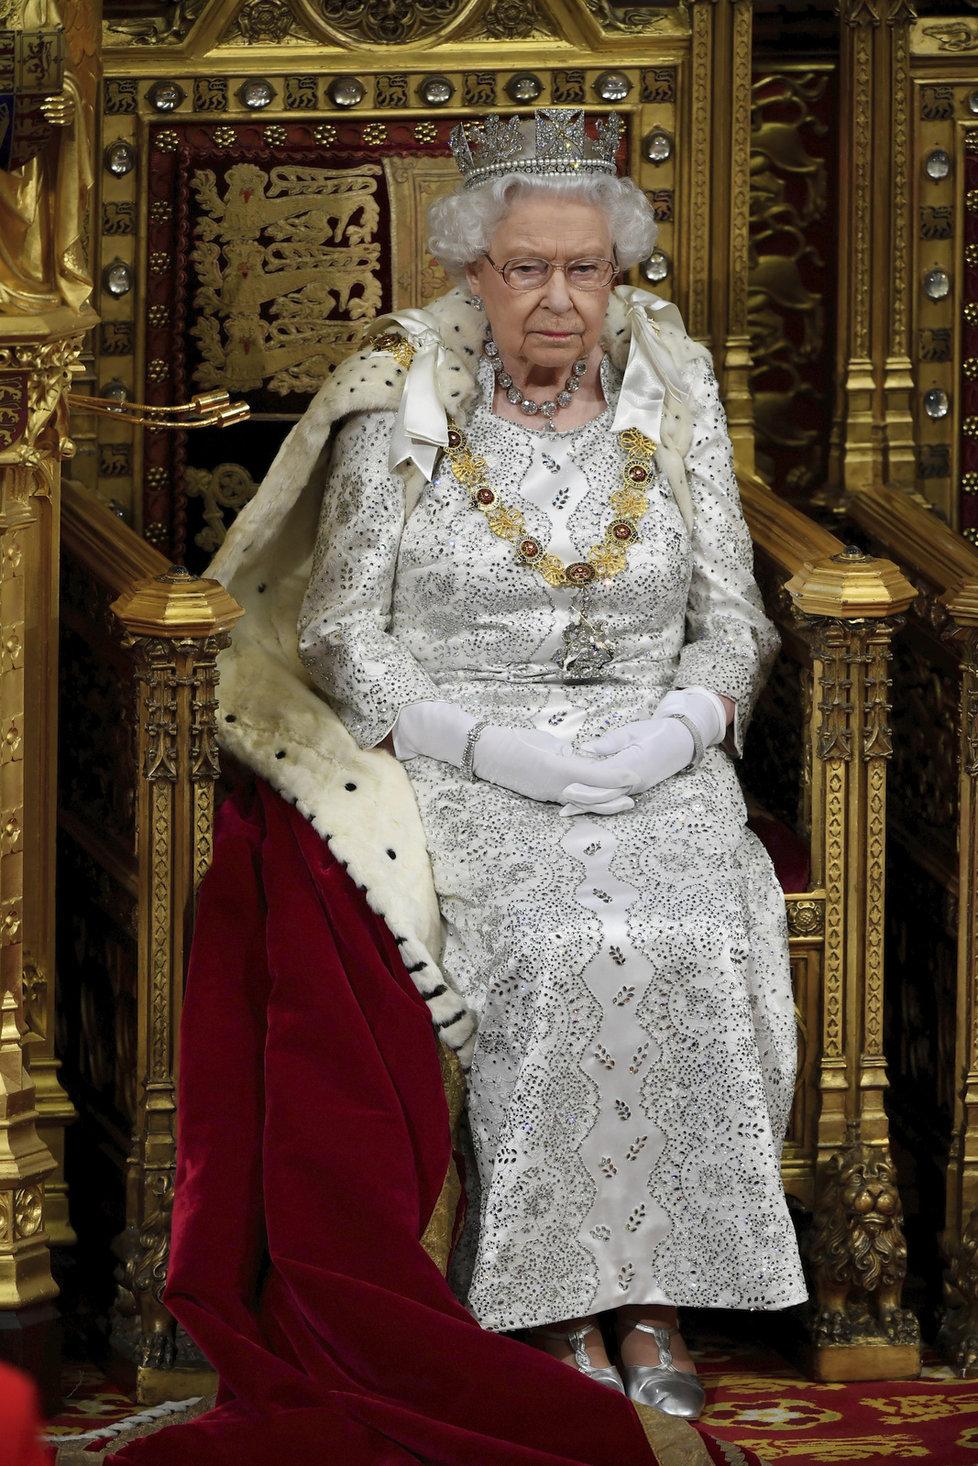 V roce 2020 by měla mít Británie nového monarchu, předpověděl renesanční věštec Nostradamus.